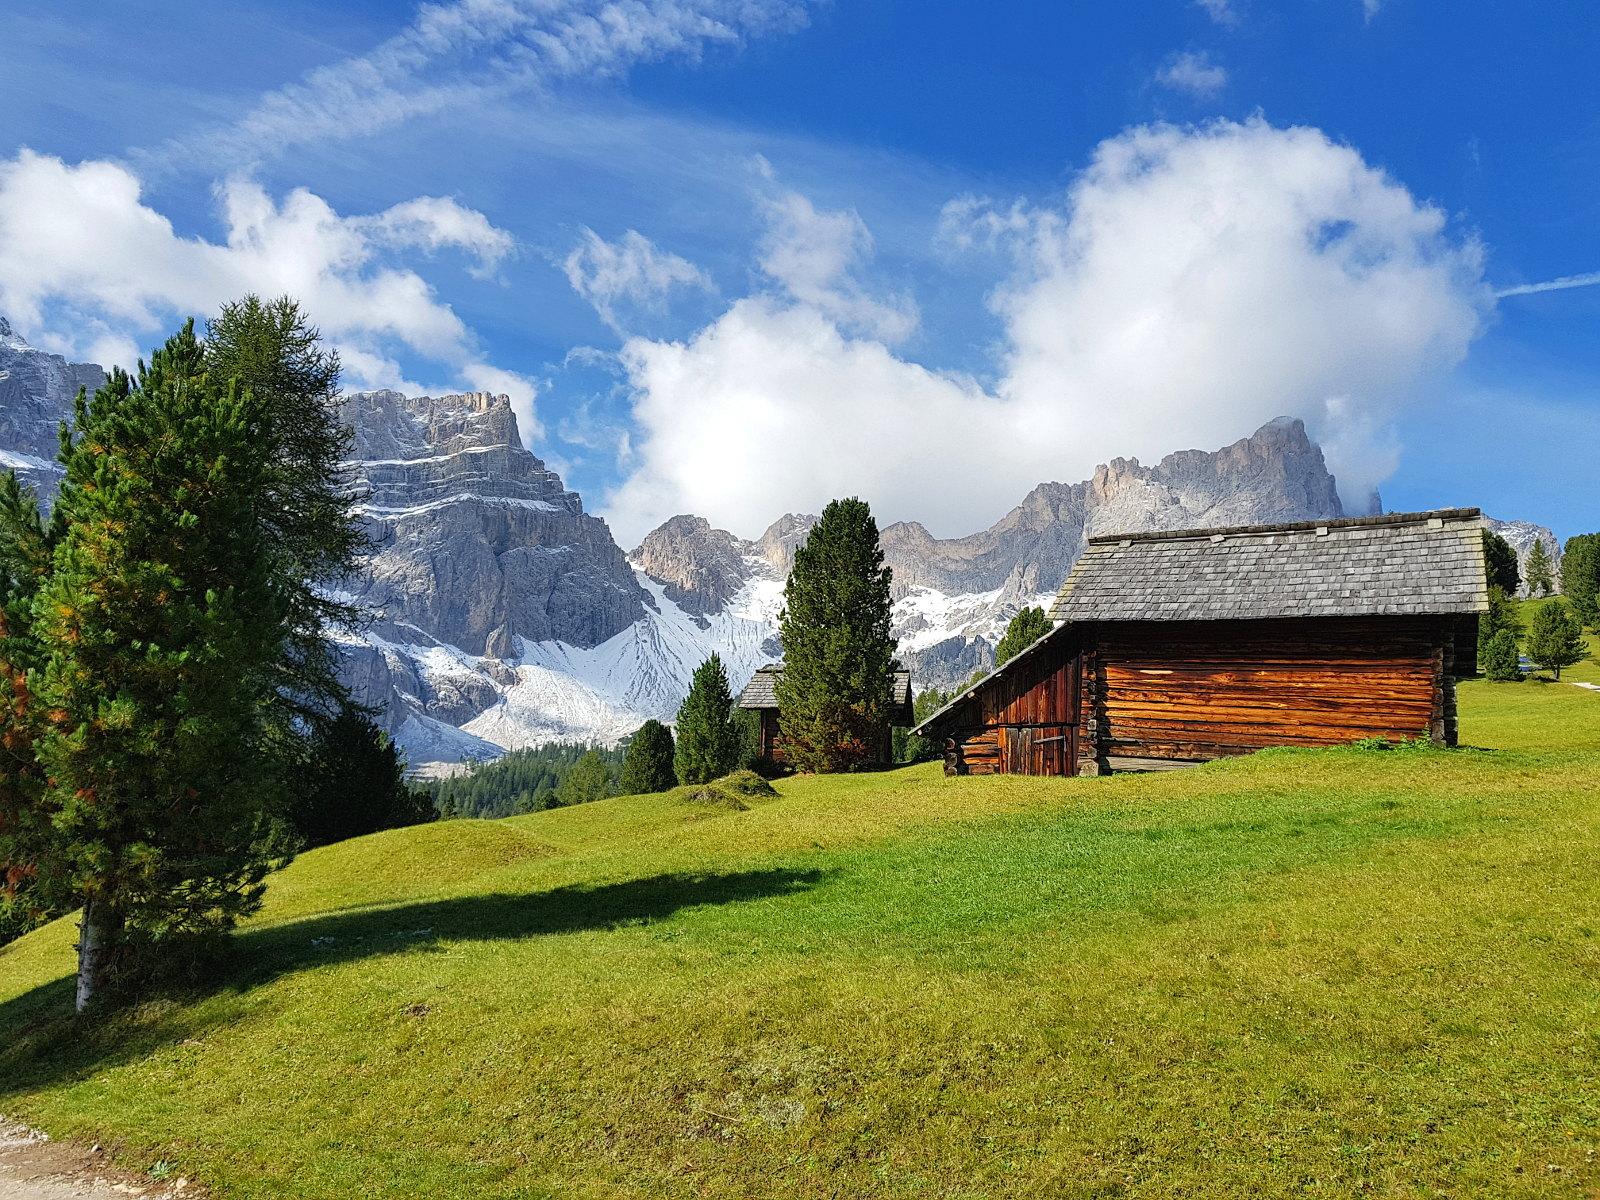 immer wieder begegnen uns schöne Hütten